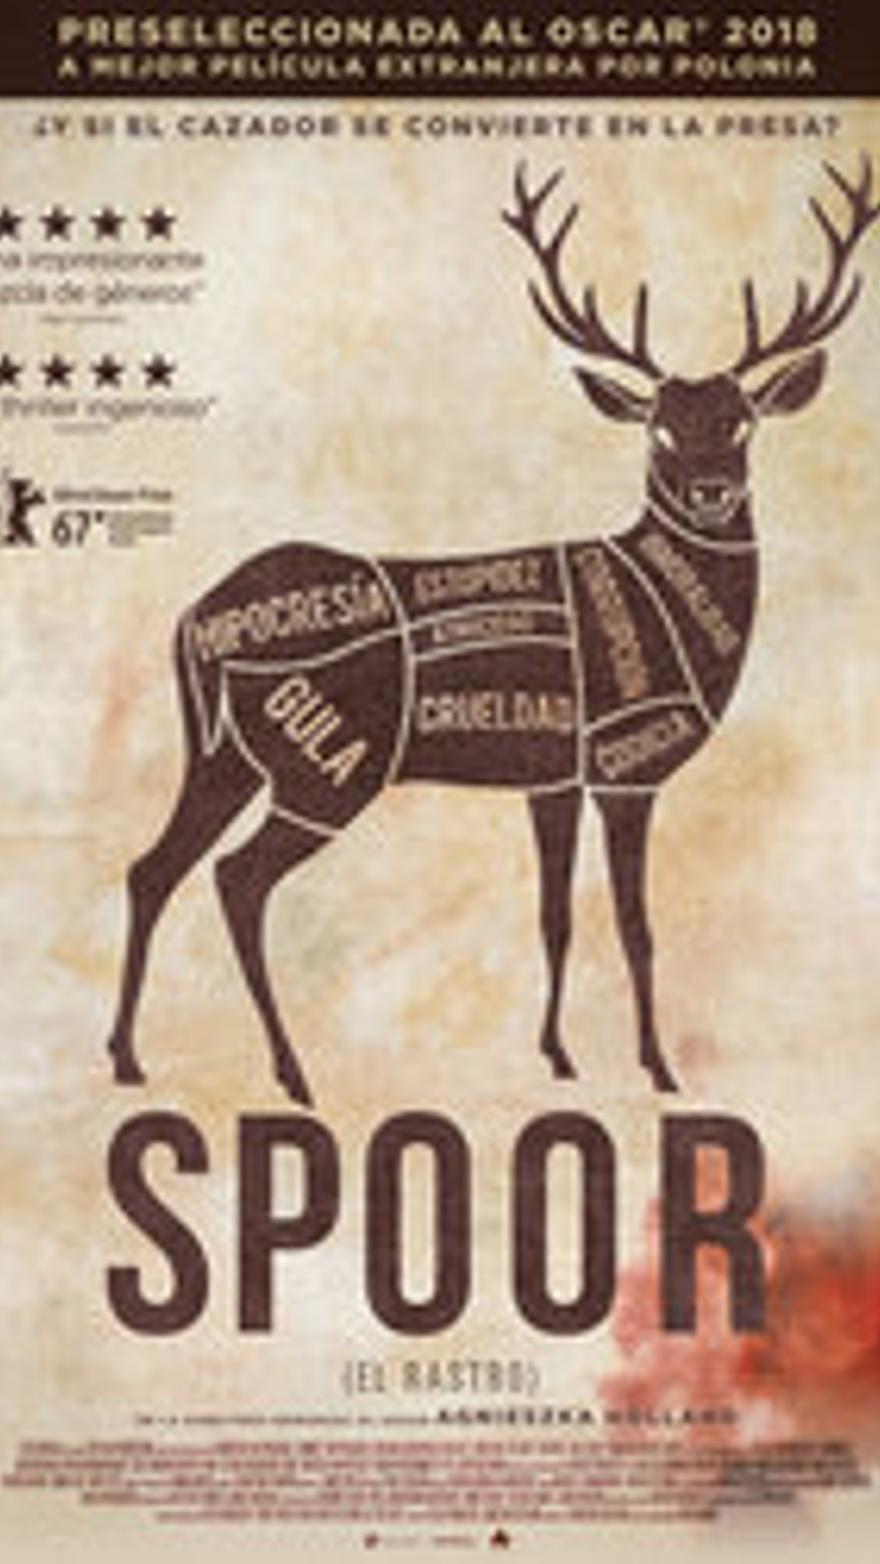 Spoor (El rastro)